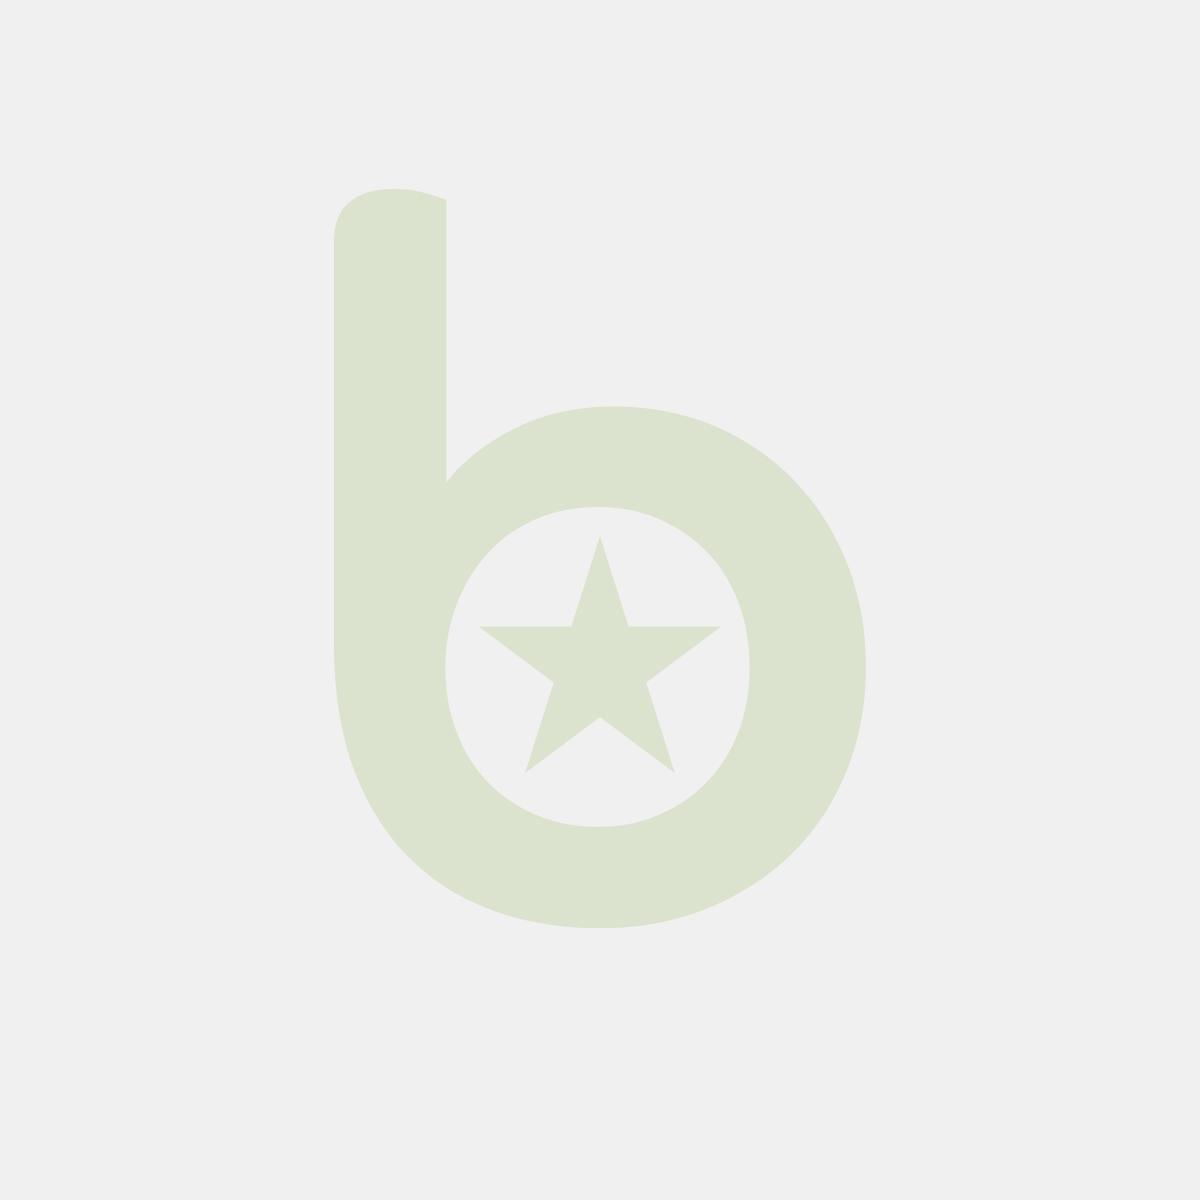 Pokrywka do pojemników GN 1/6 z poliwęglanu - kod 862957